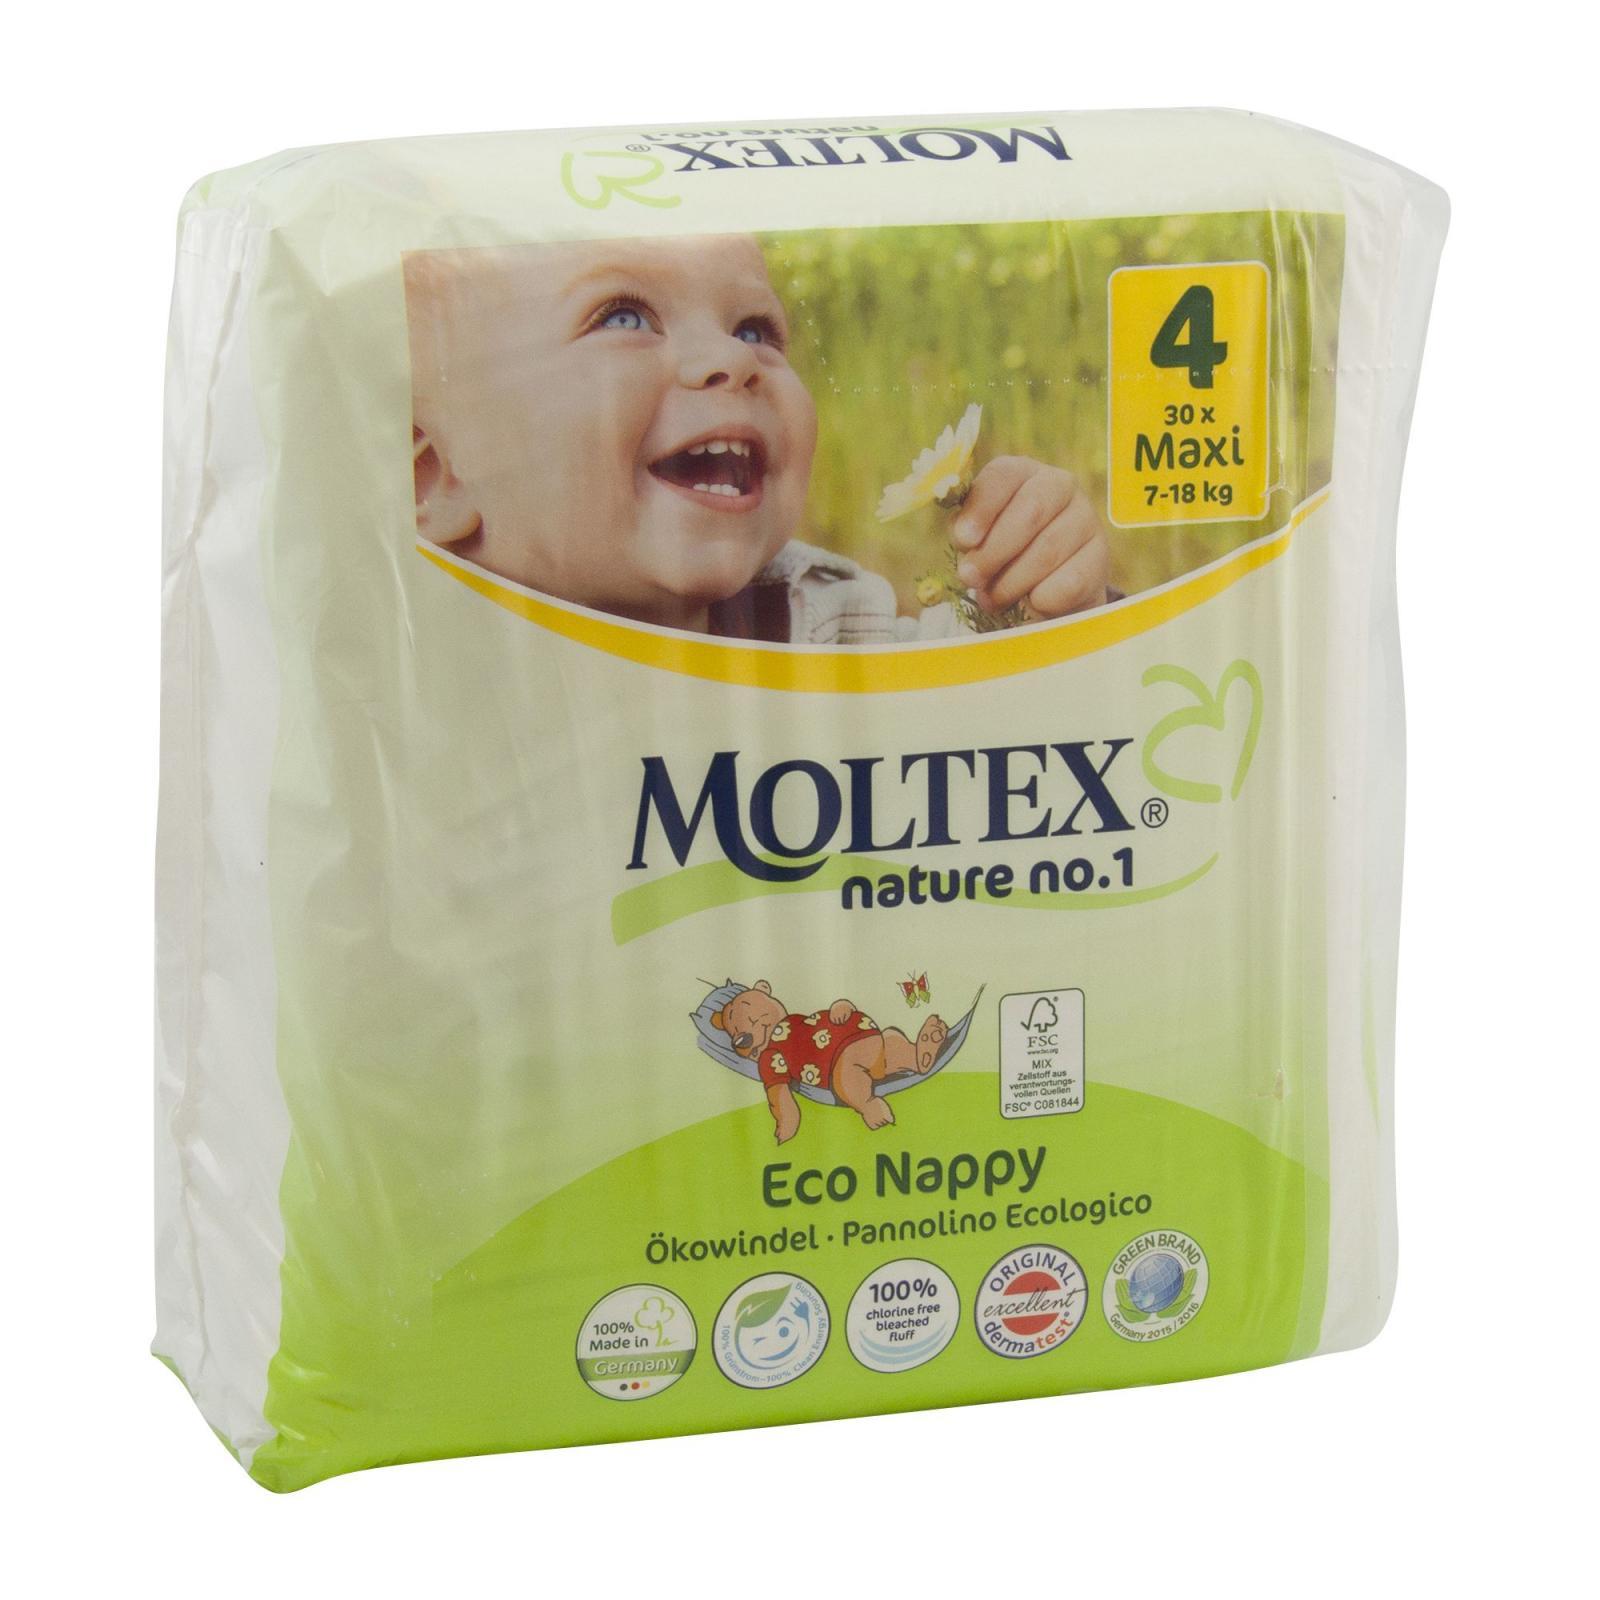 Moltex Dětské plenky Maxi 7-18 kg 30 ks